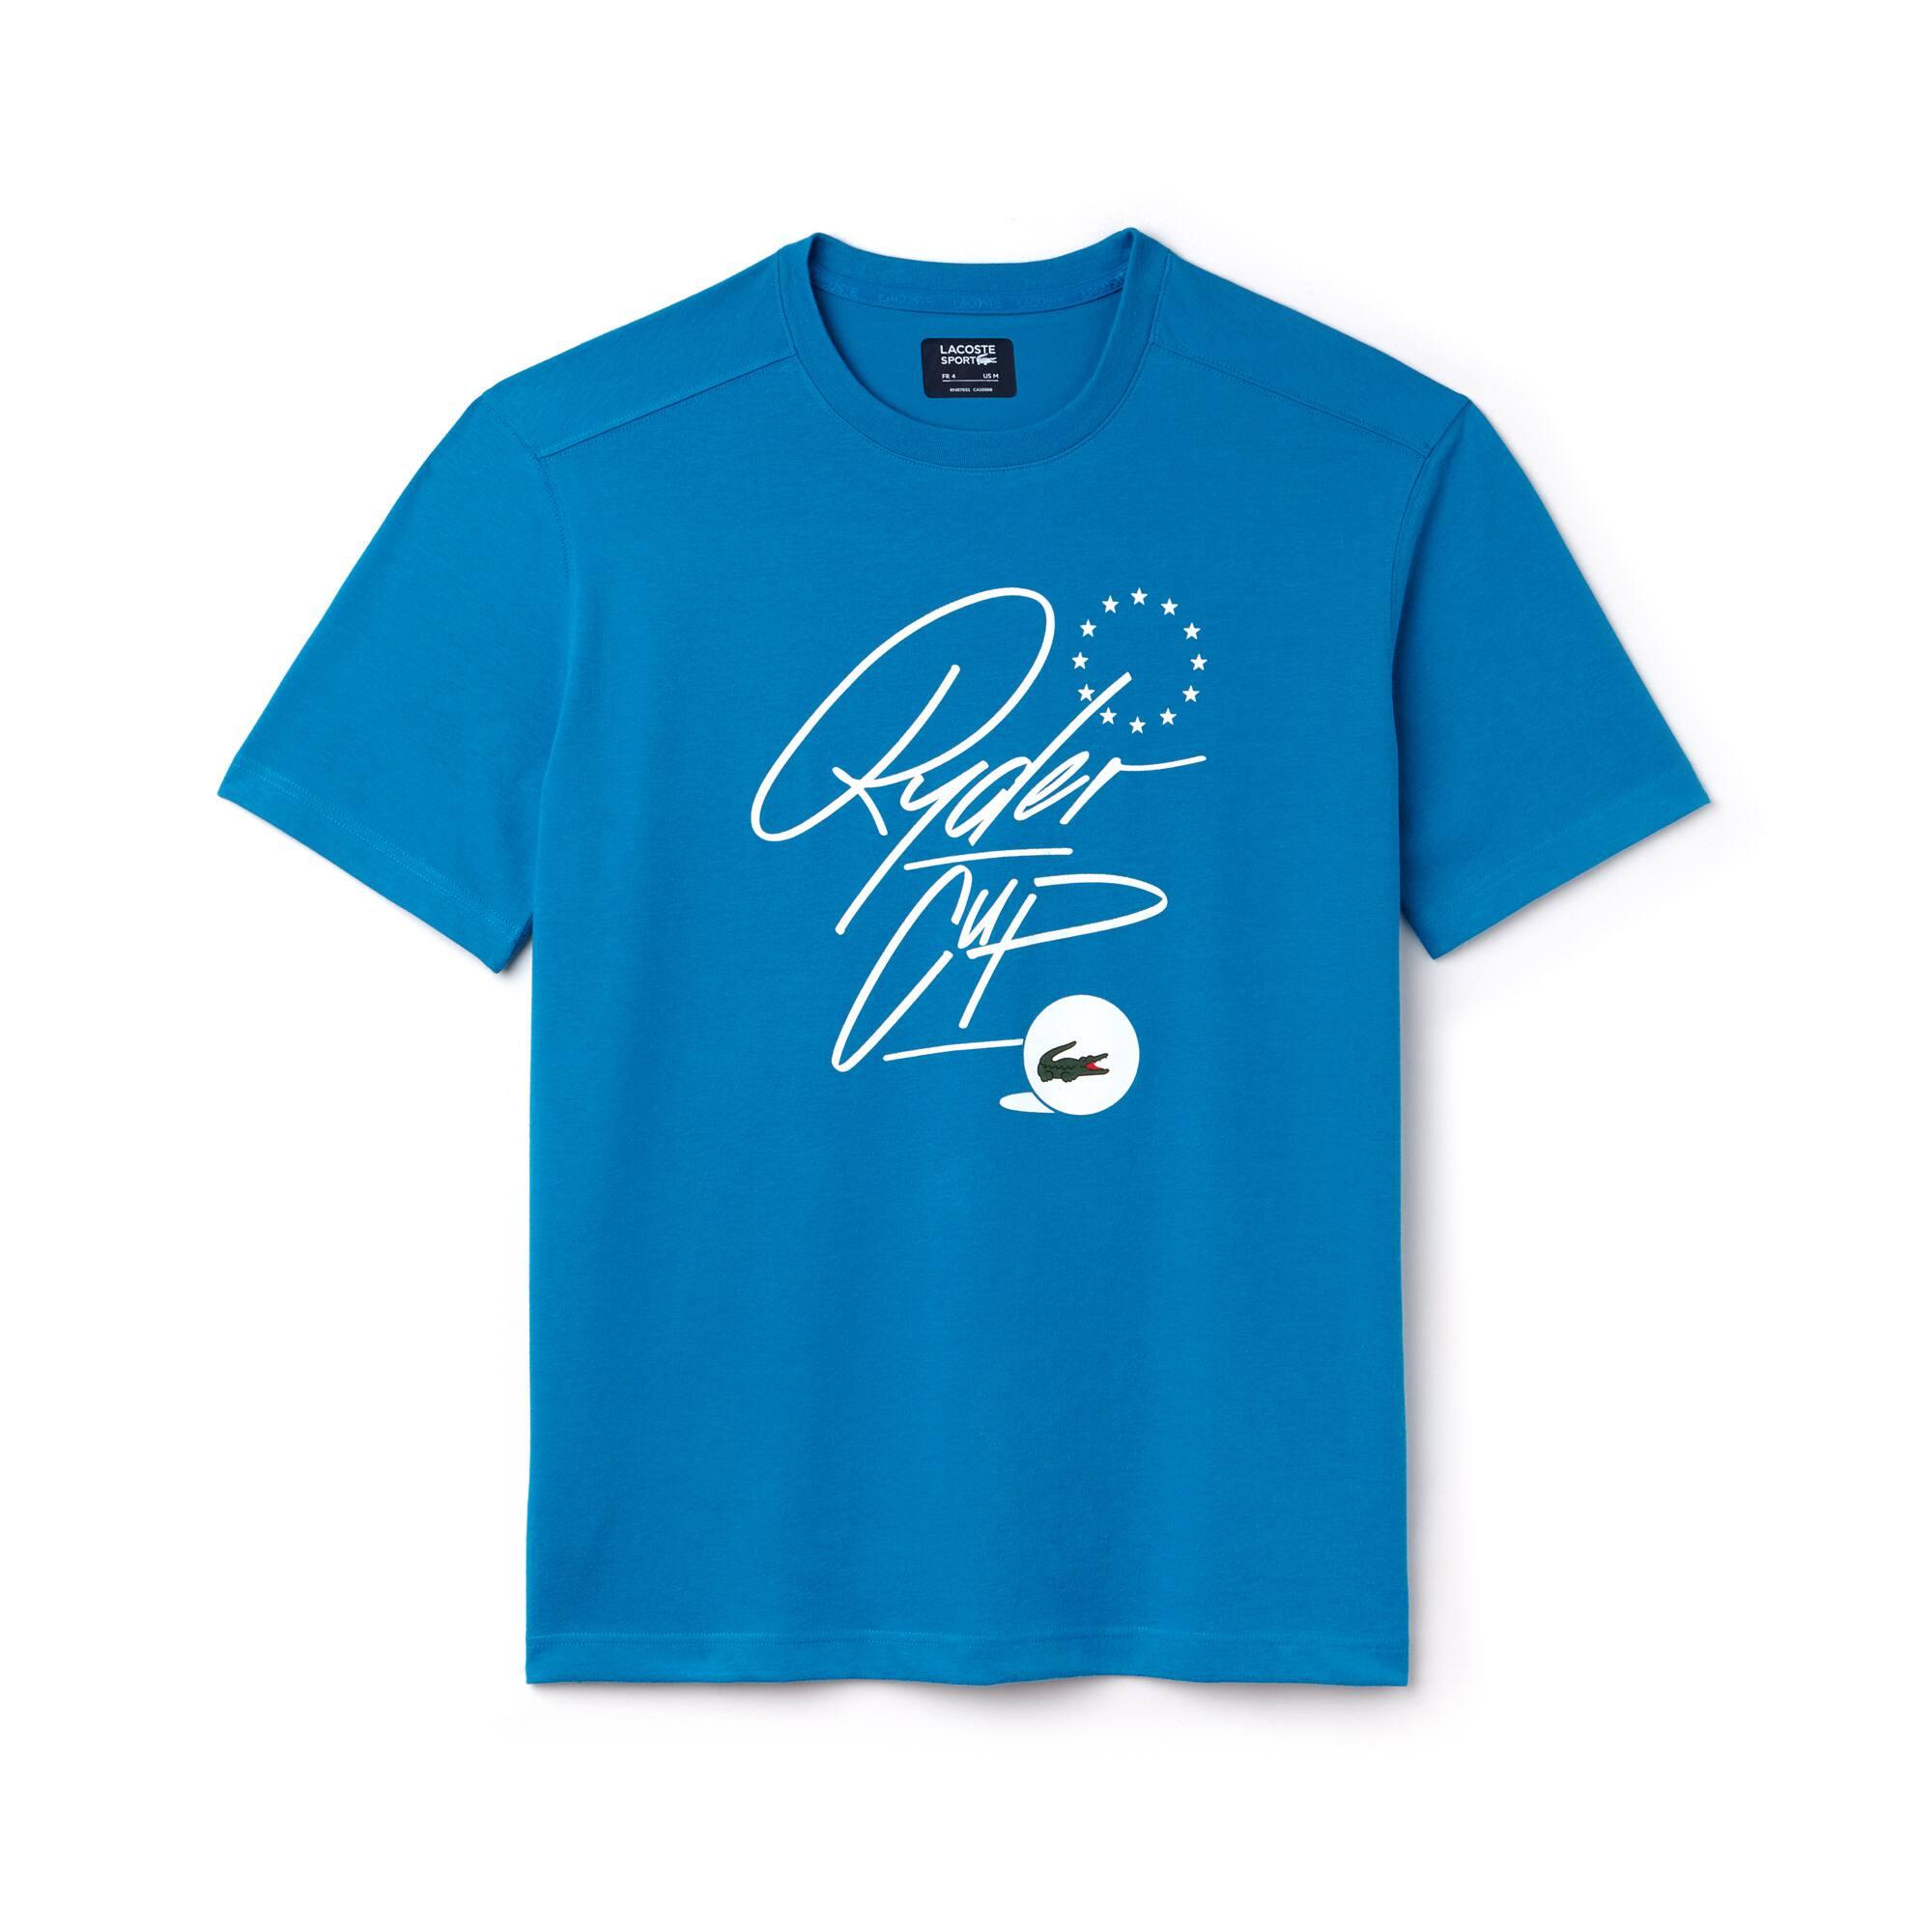 Men's Lacoste SPORT Ryder Cup Edition Tech Jersey Golf T-shirt